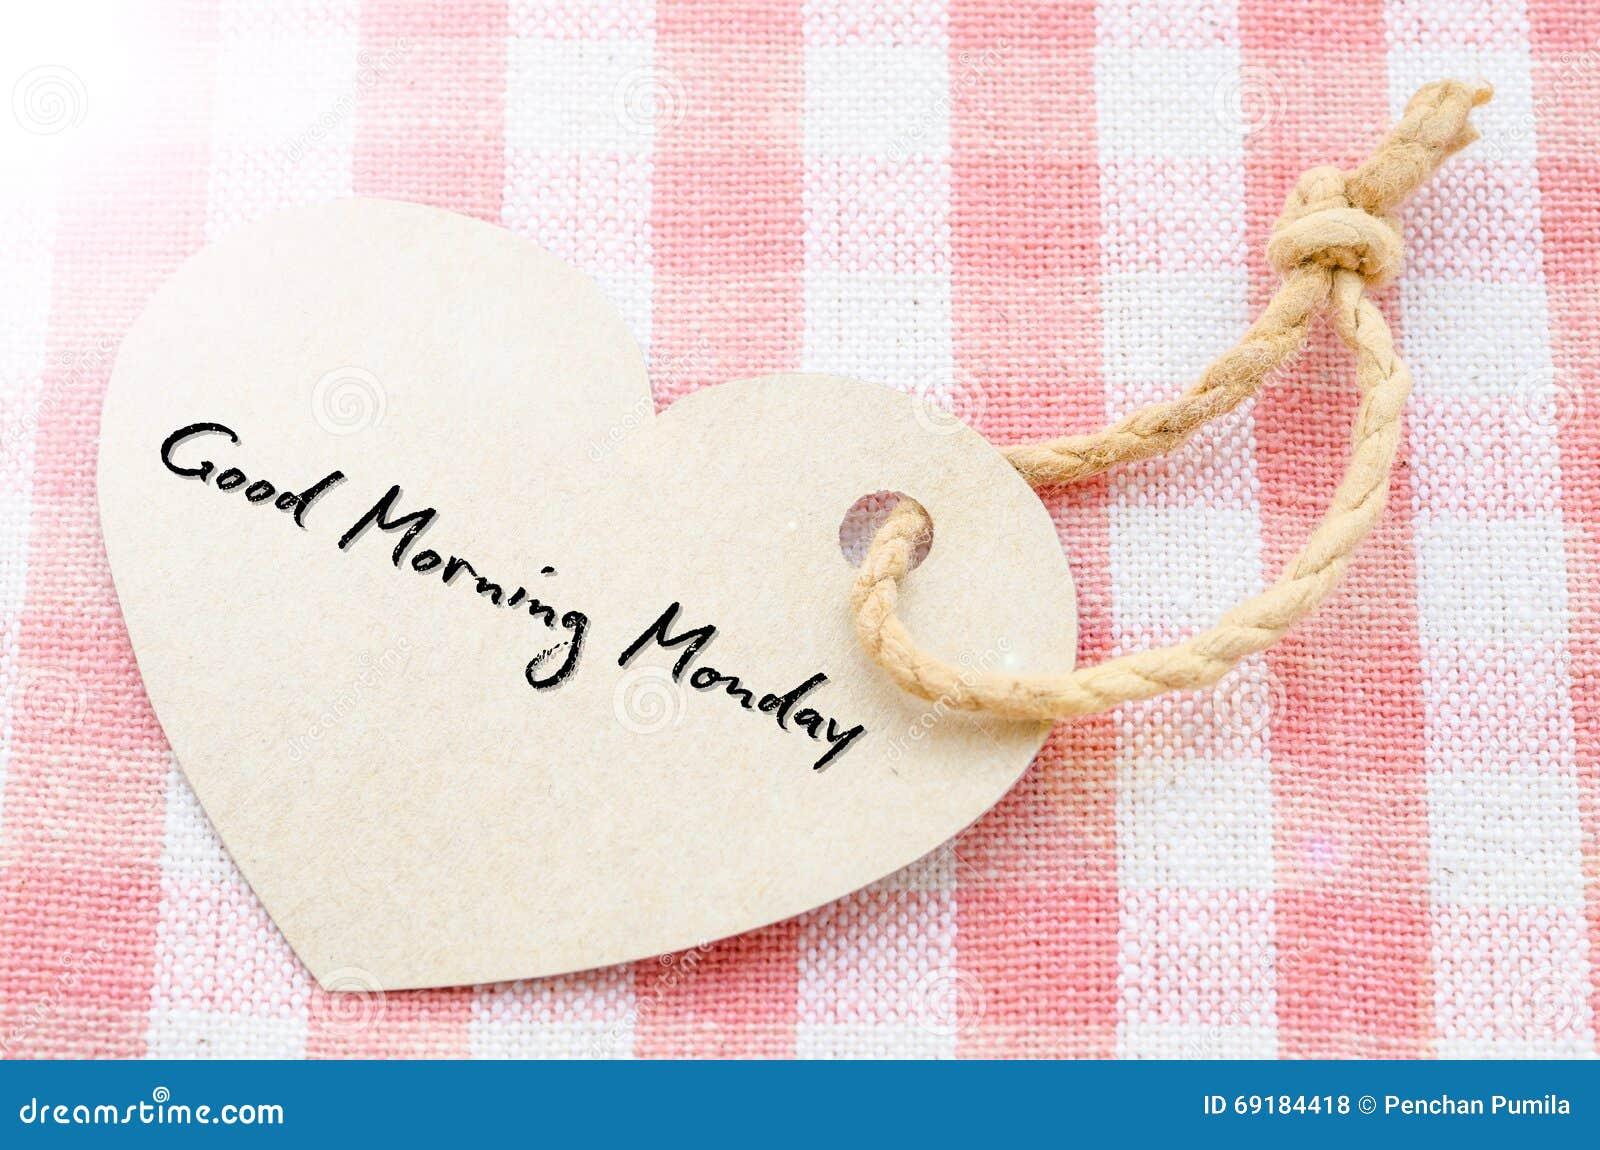 Bom dia segunda-feira